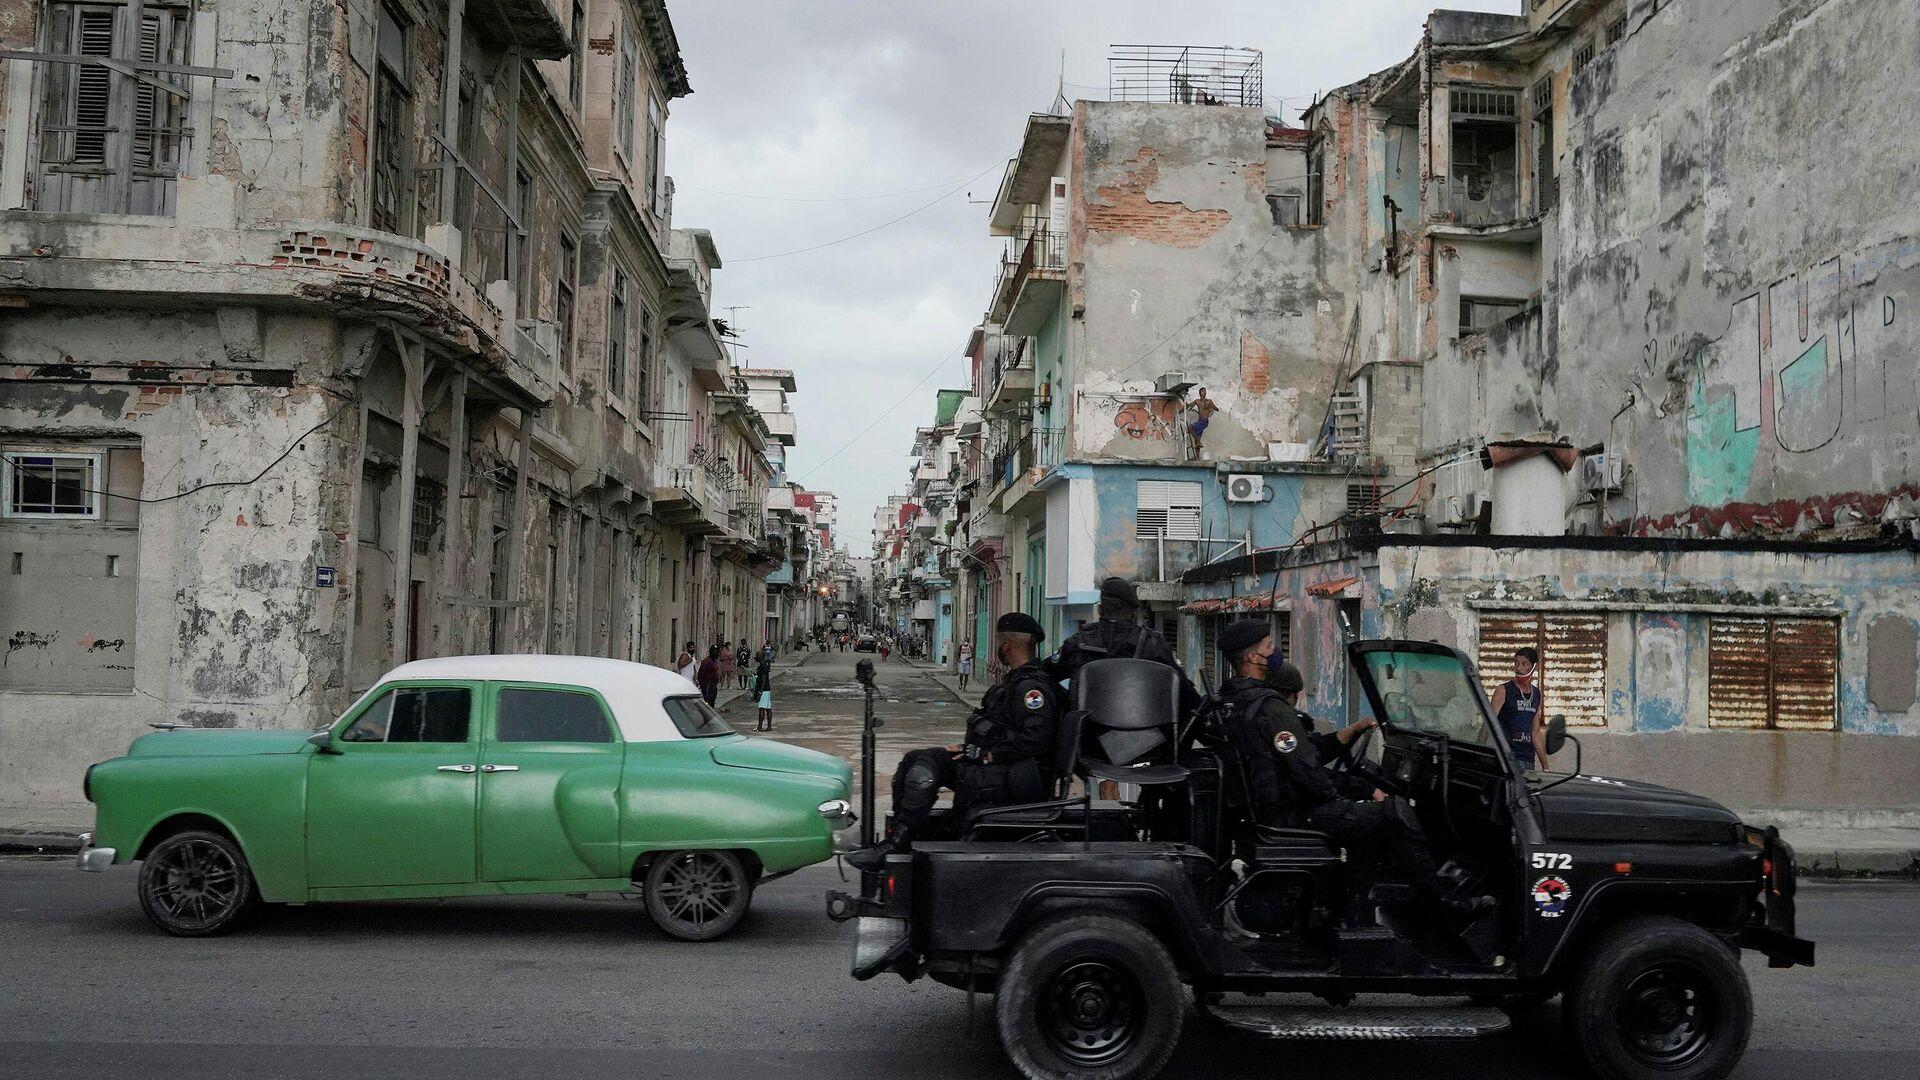 La Habana, Cuba - Sputnik Mundo, 1920, 15.07.2021